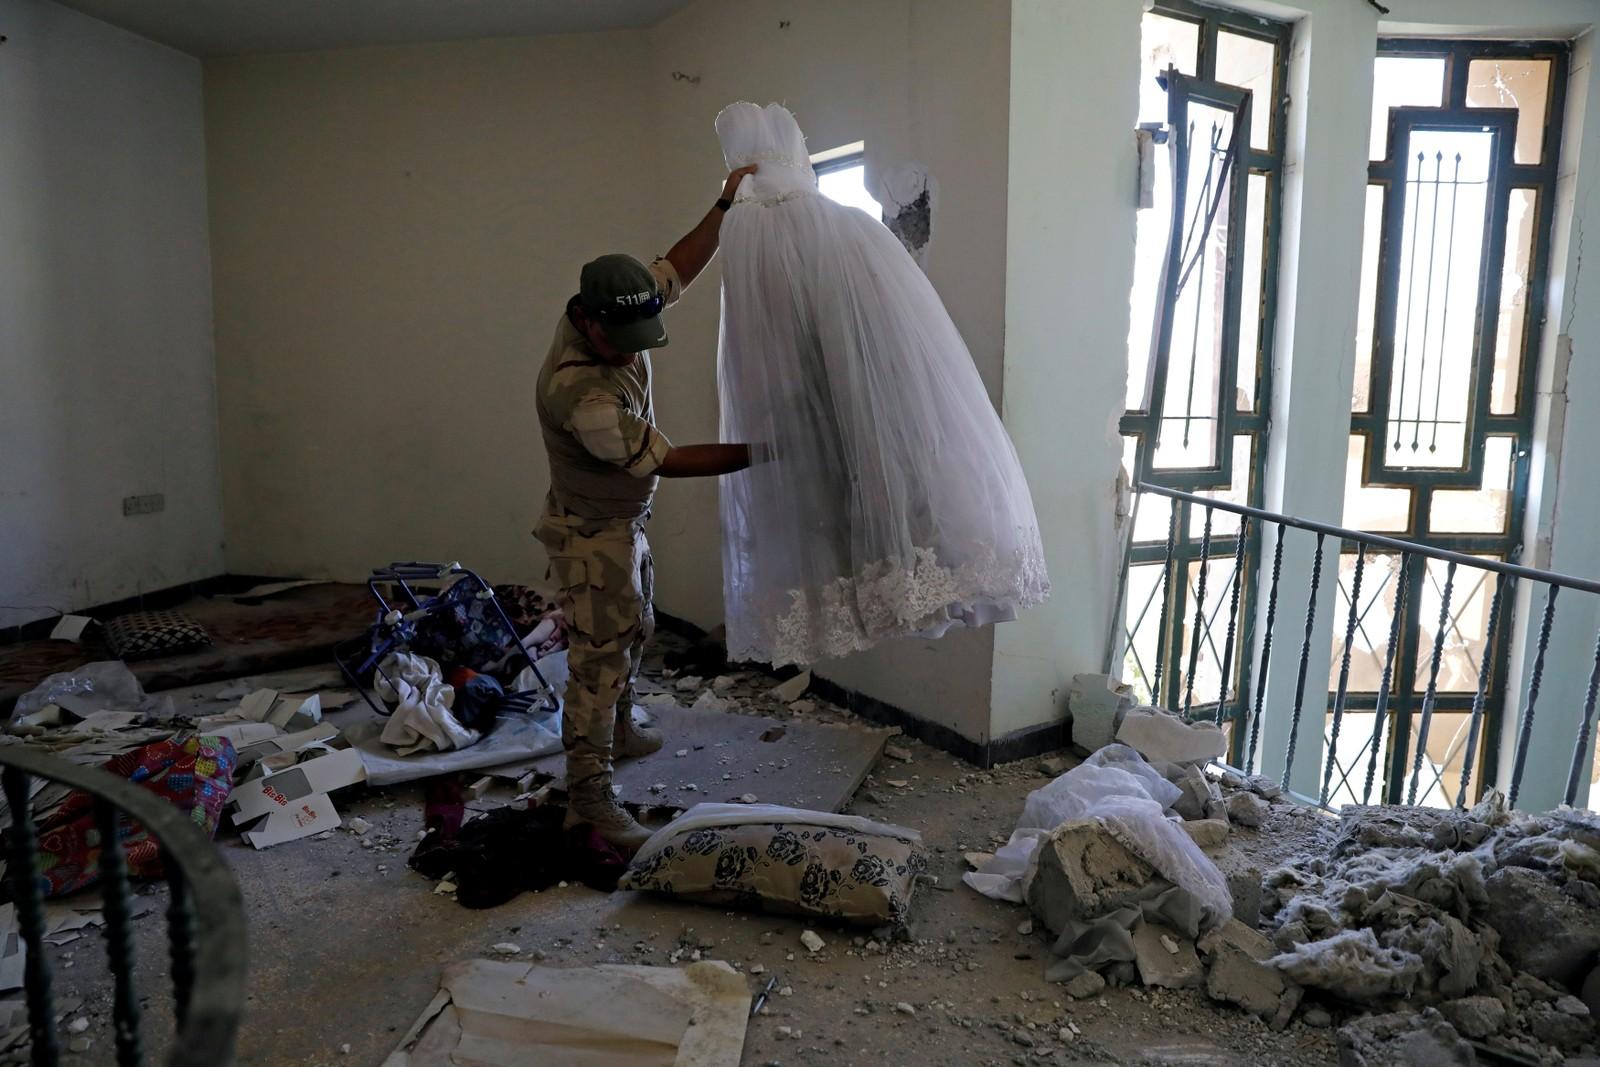 En brudekjole ligger igjen etter at IS ble jaga fra dette huset i den vestlige delen av Mosul.